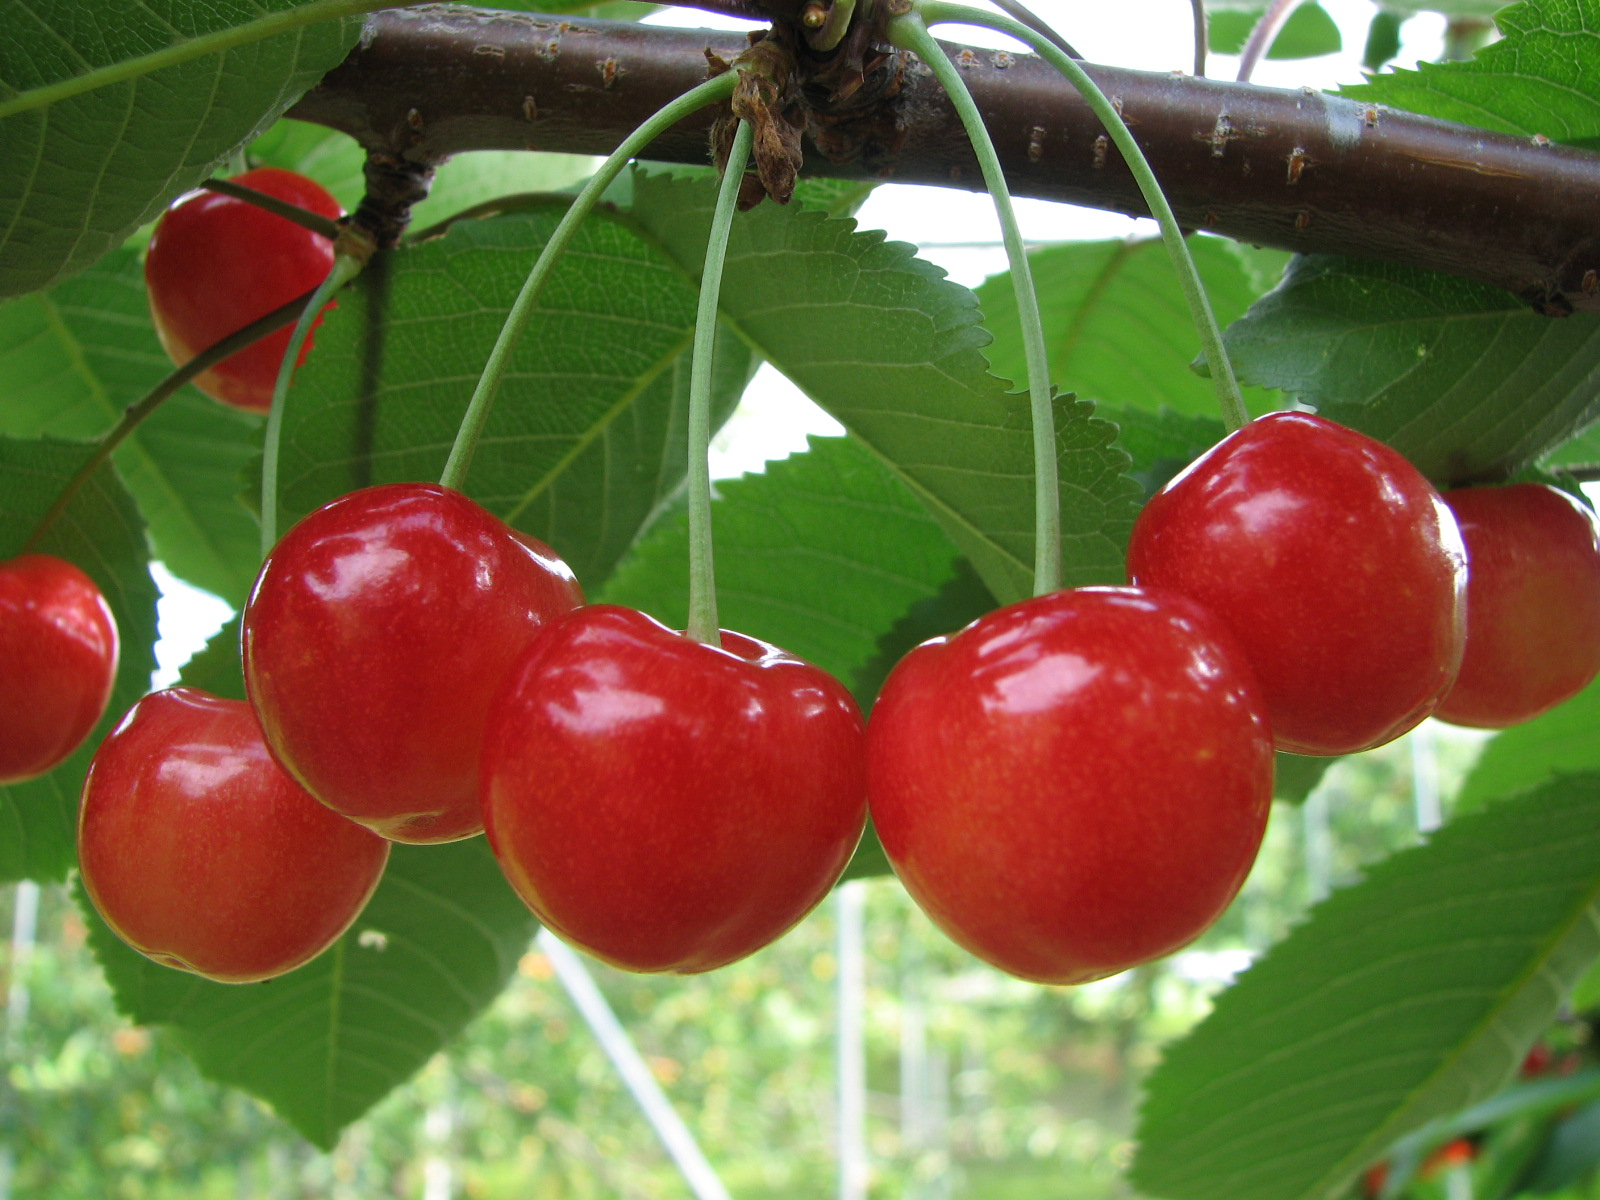 果物狩り・収穫体験 - 北海道石狩市公式ホームページ